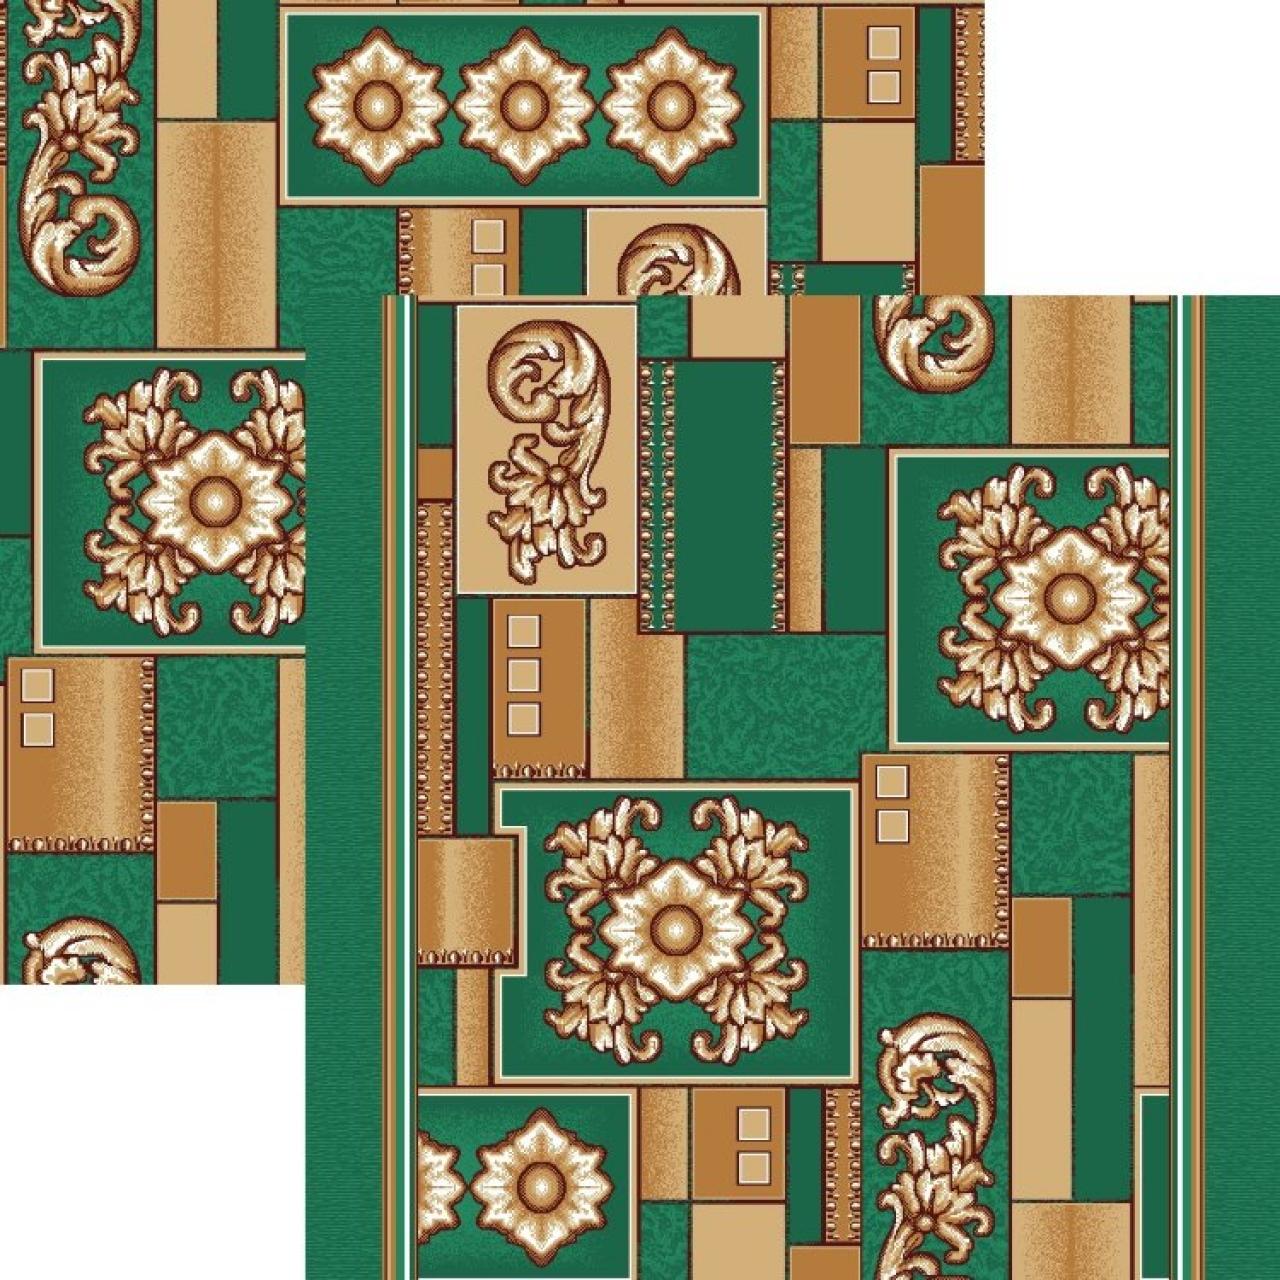 Ковер p1519a5p - 36 - Прямоугольник - коллекция принт обр 8-ми цветное полотно